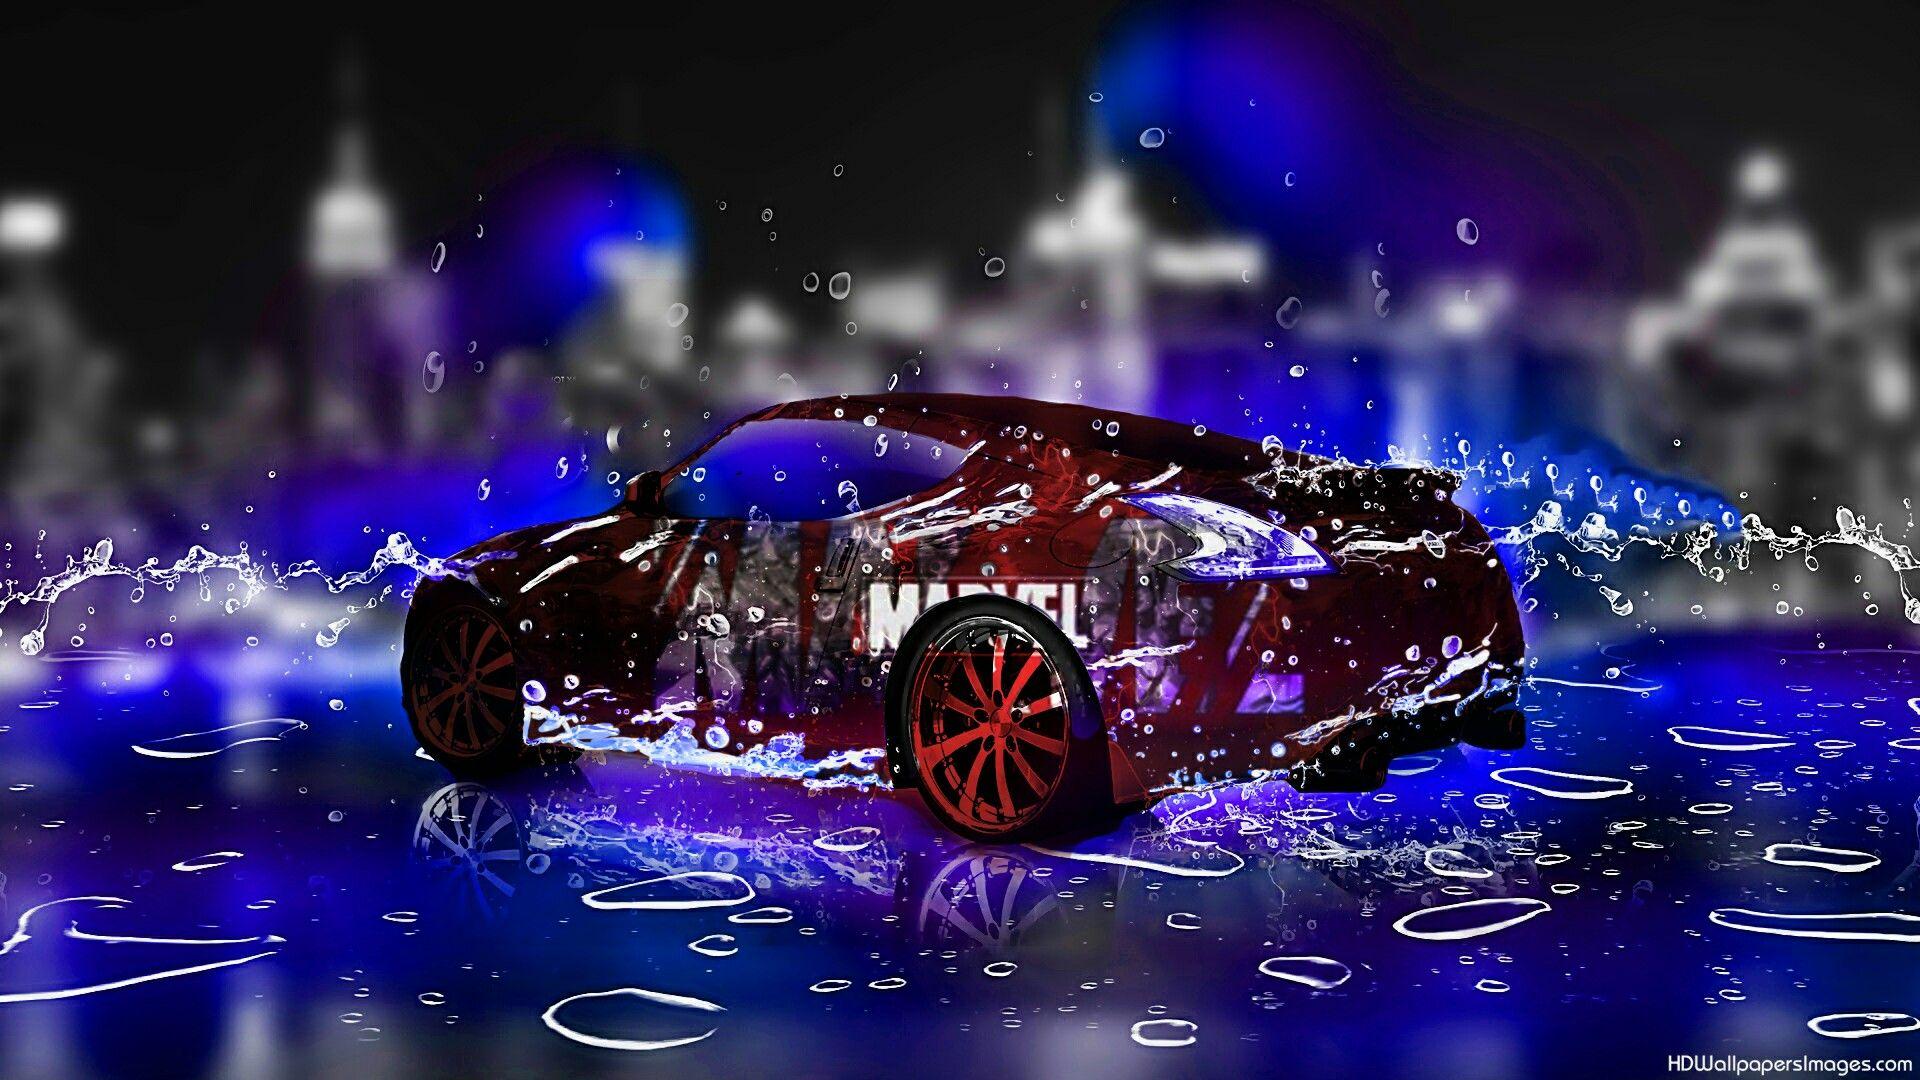 3d wallpaper widescreen water cars 1818 wallpaper computer wallpaper. Pin On Creative Mind